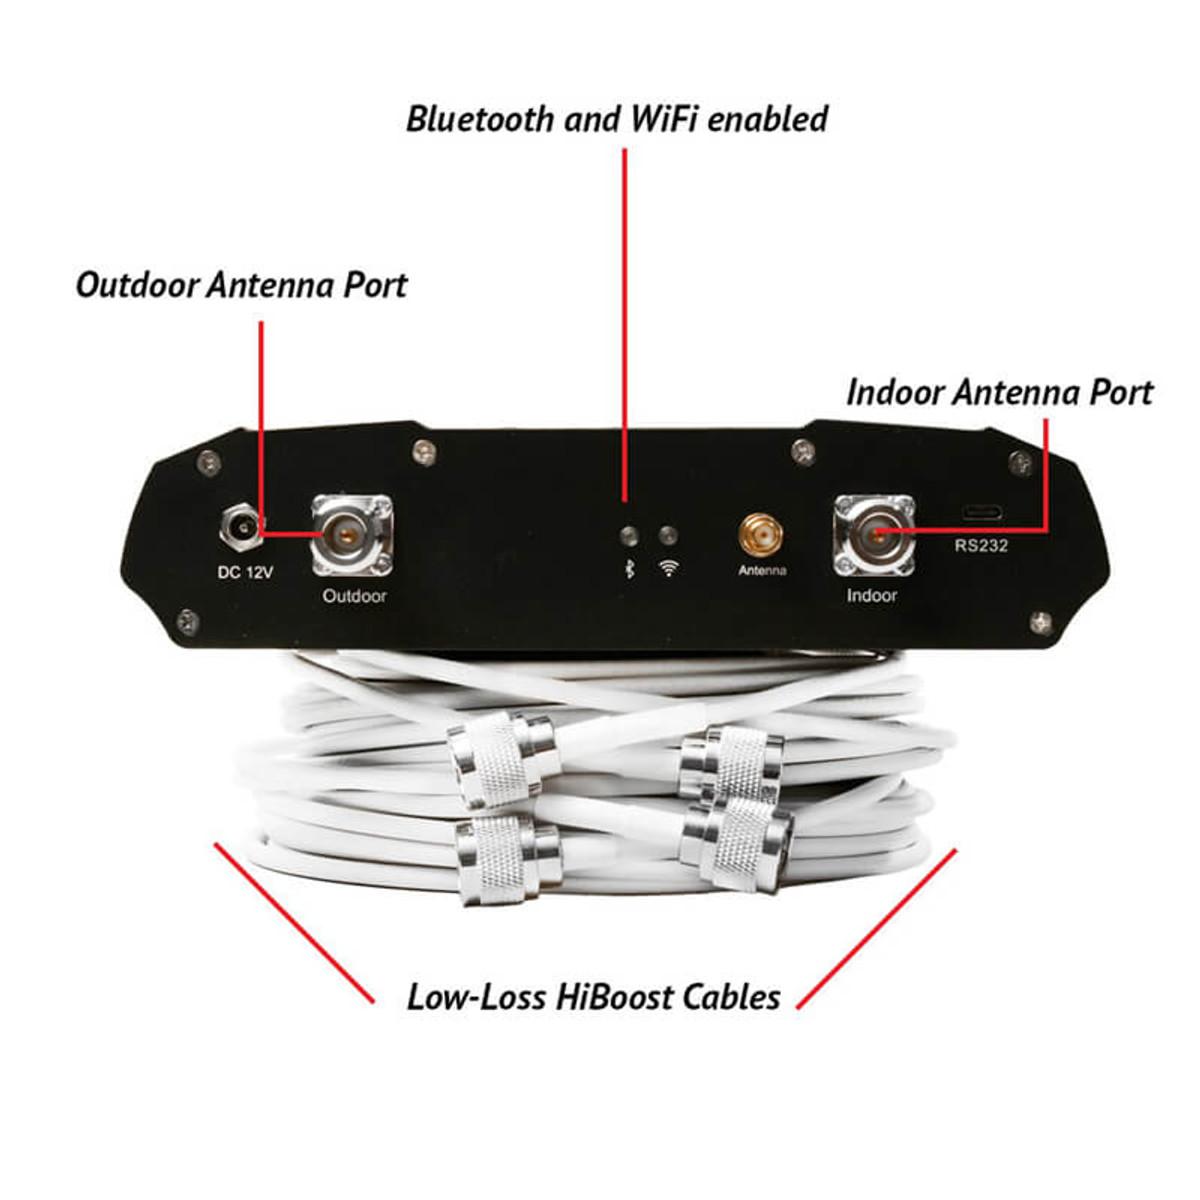 HiBoost Home 10K Smart Link Signal Booster Amplifier Back